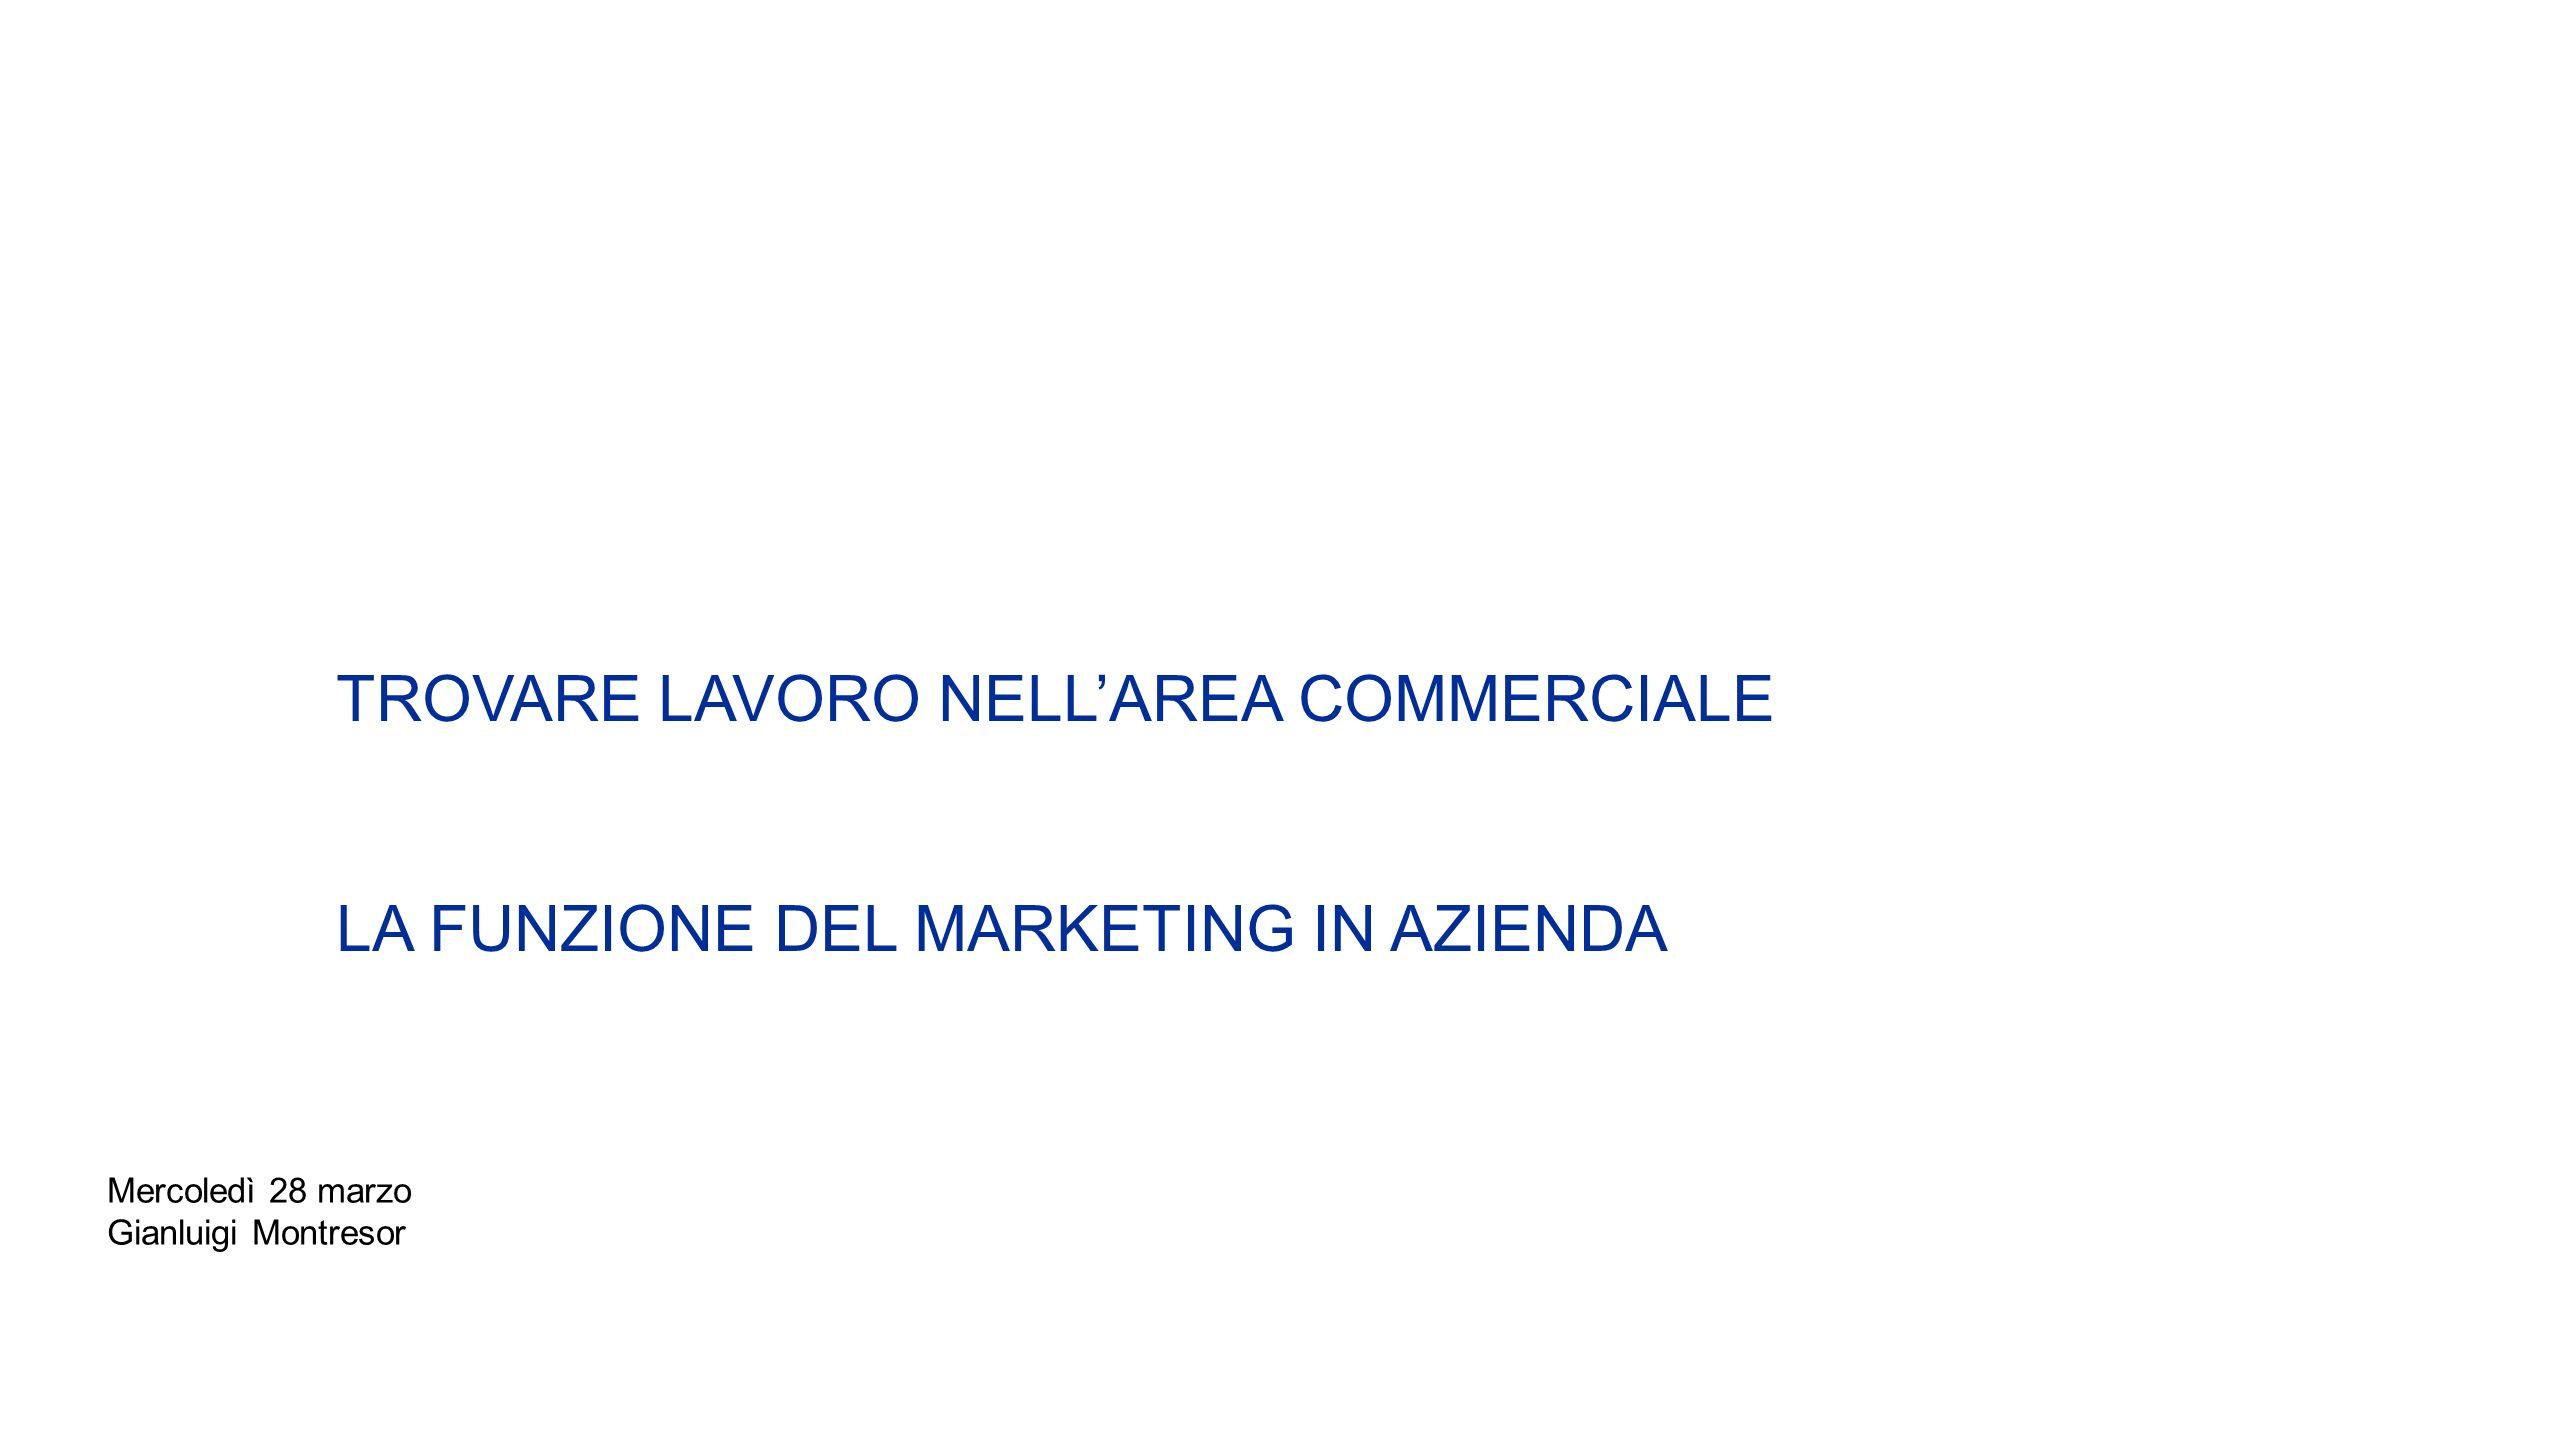 TROVARE LAVORO NELLAREA COMMERCIALE LA FUNZIONE DEL MARKETING IN AZIENDA Mercoledì 28 marzo Gianluigi Montresor